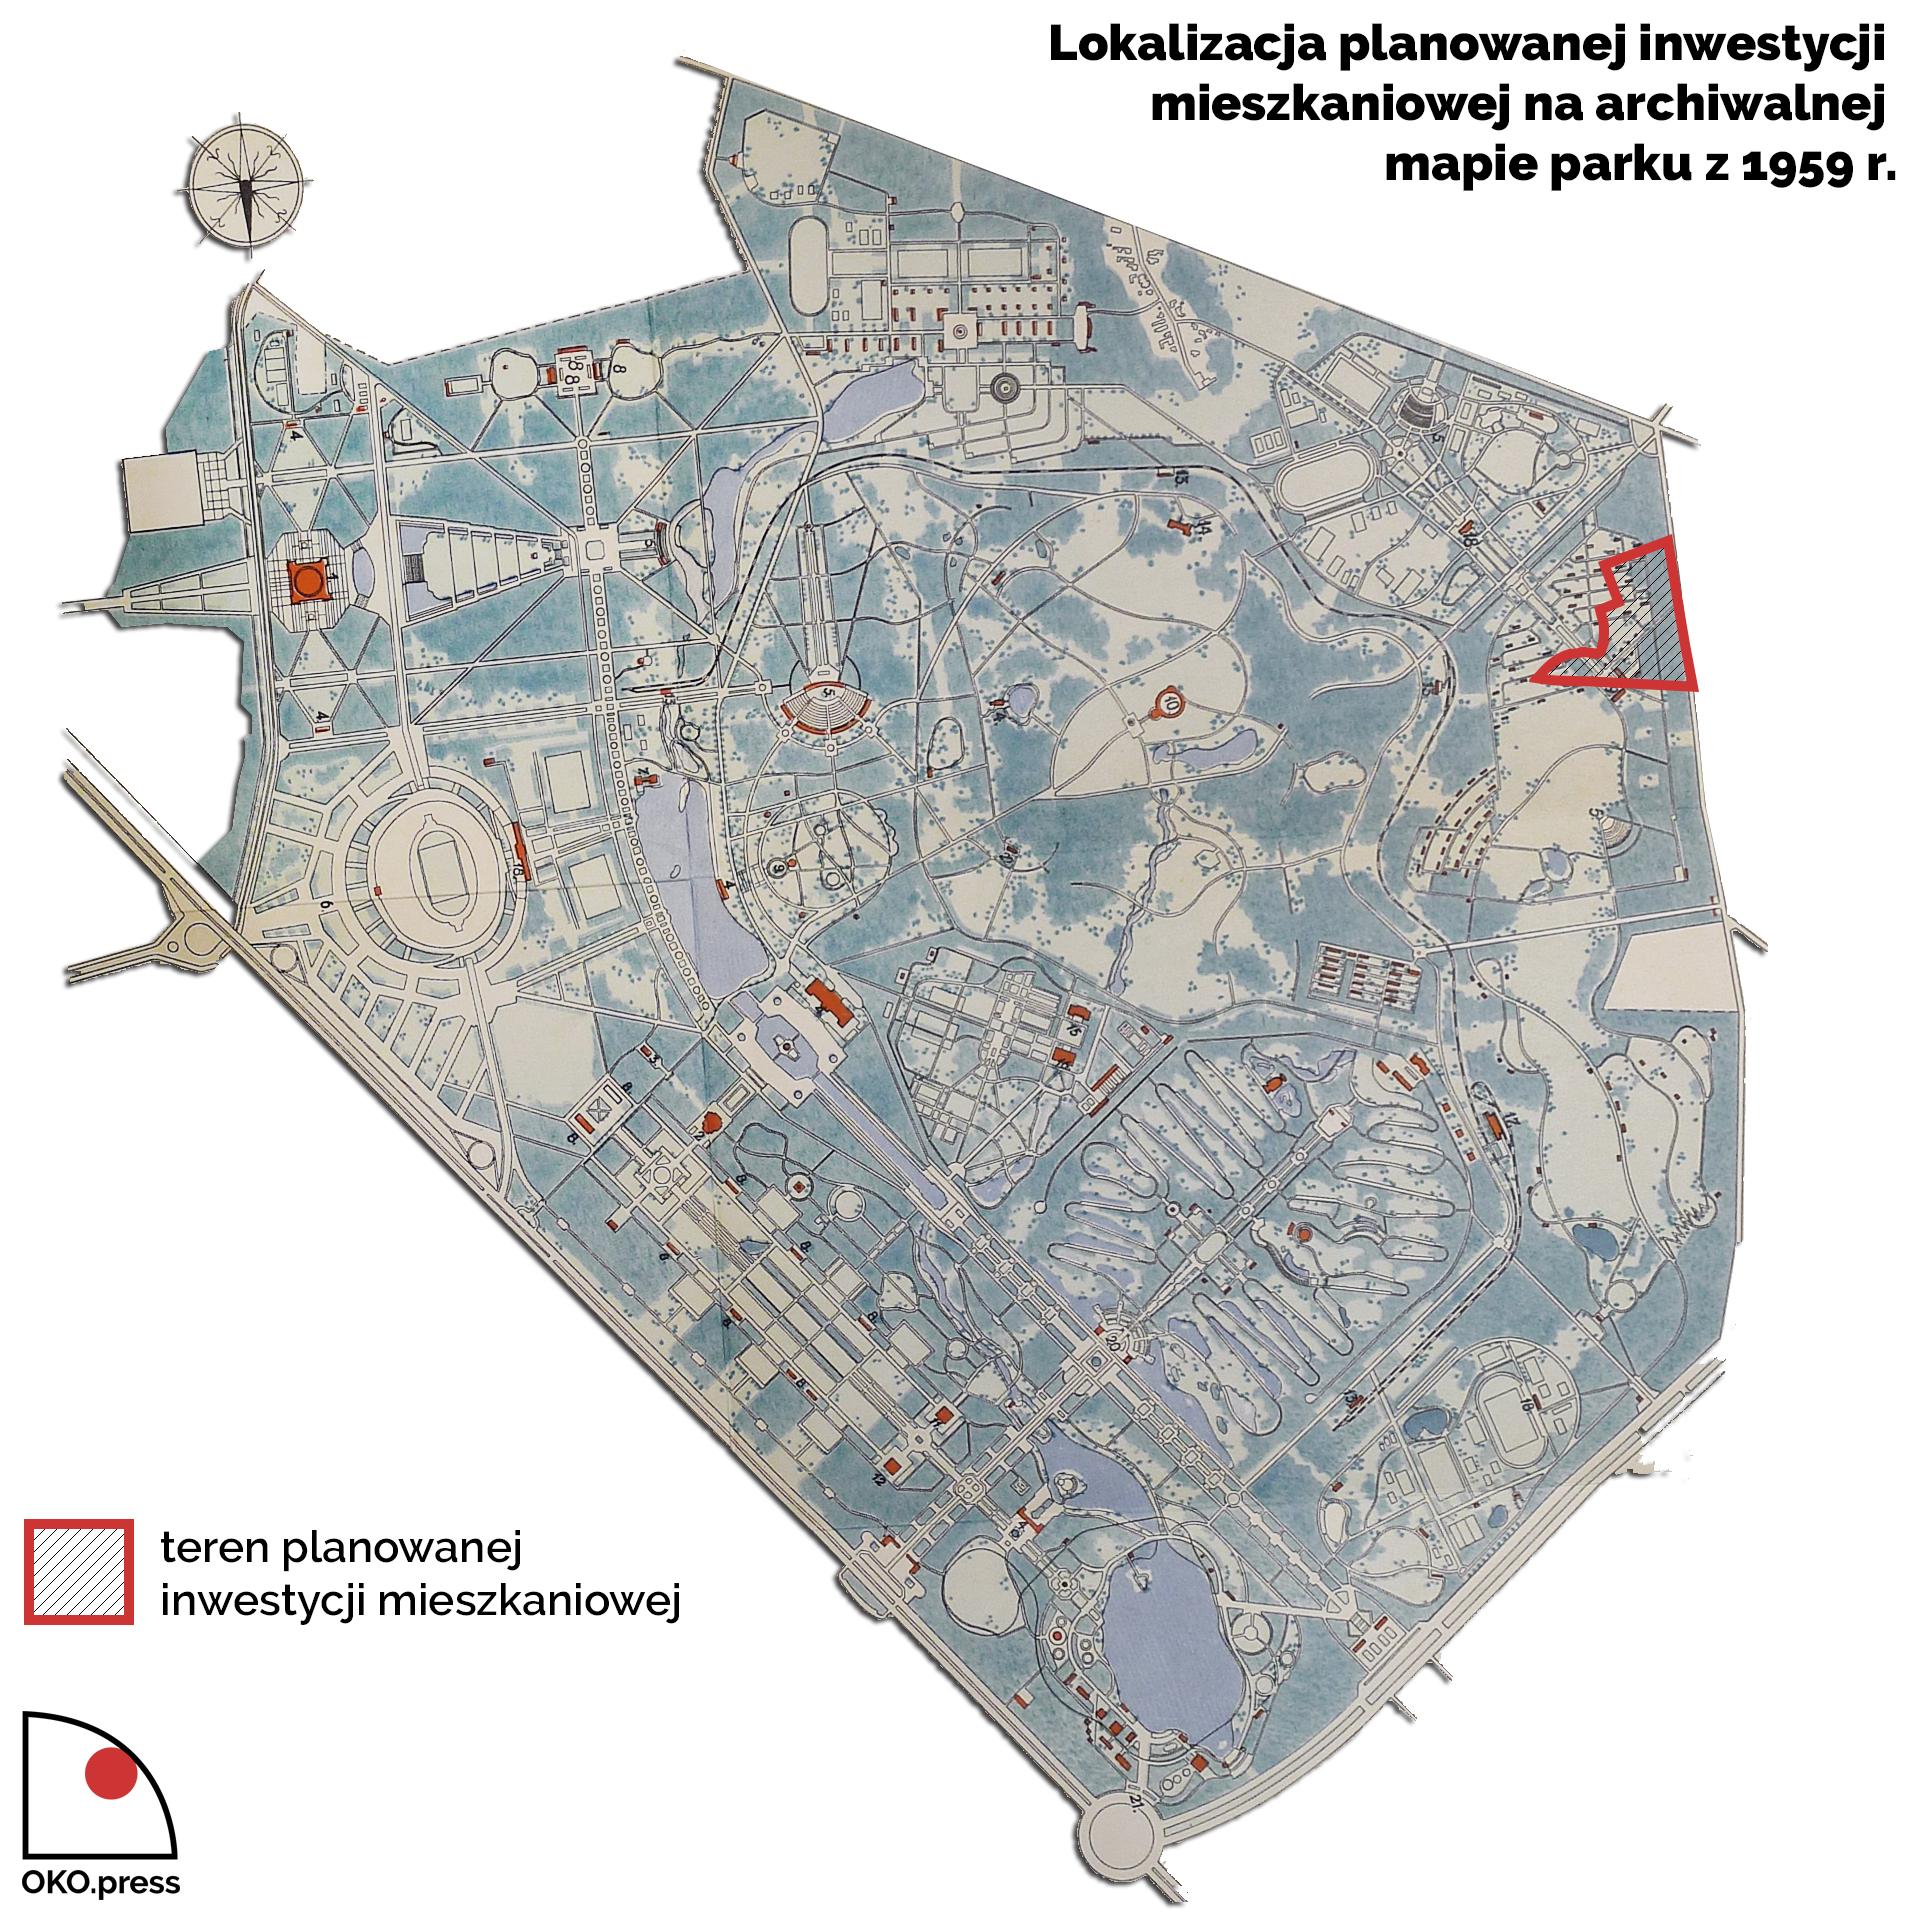 Lokalizacja planowanej inwestycji mieszkaniowej na archiwalnej mapie parku z 1959 r.